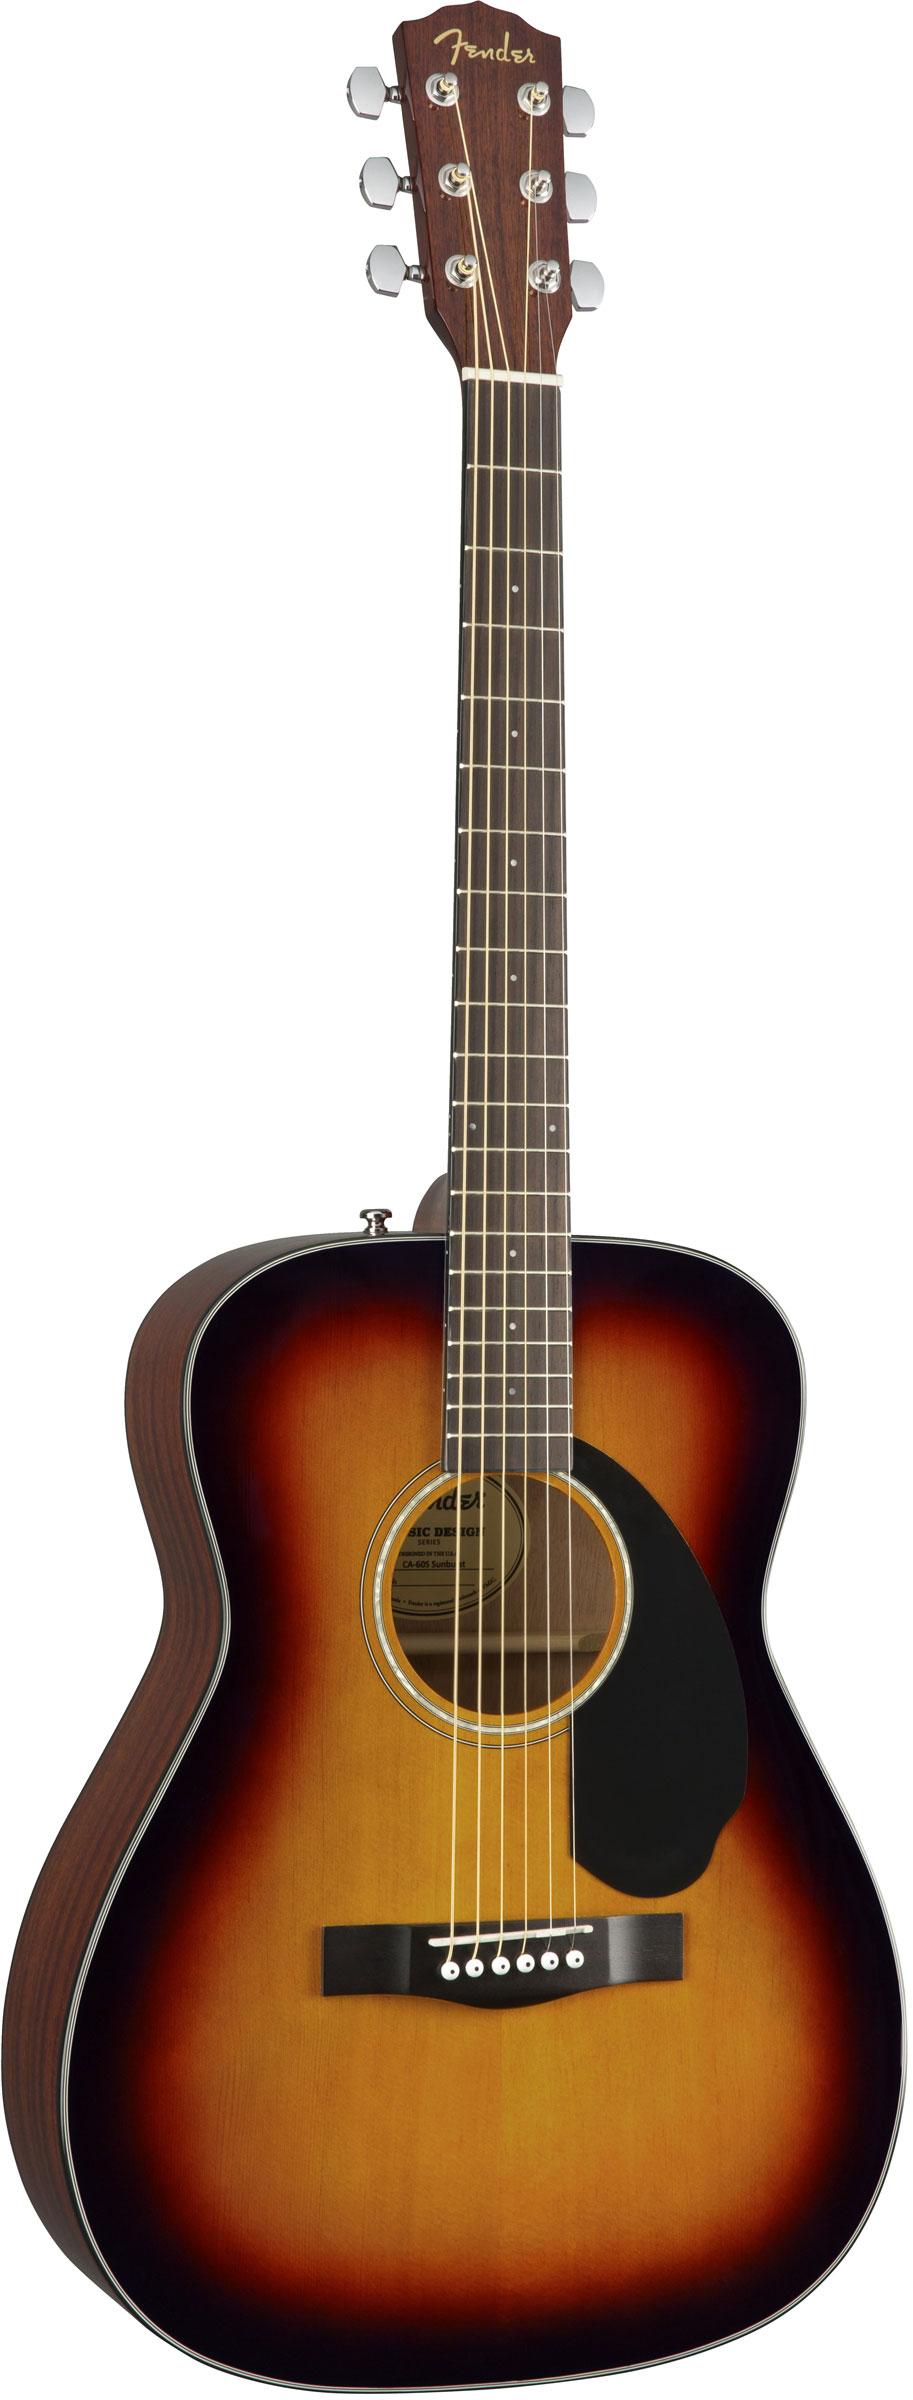 Fender CC-60S 3-хцветный санберст